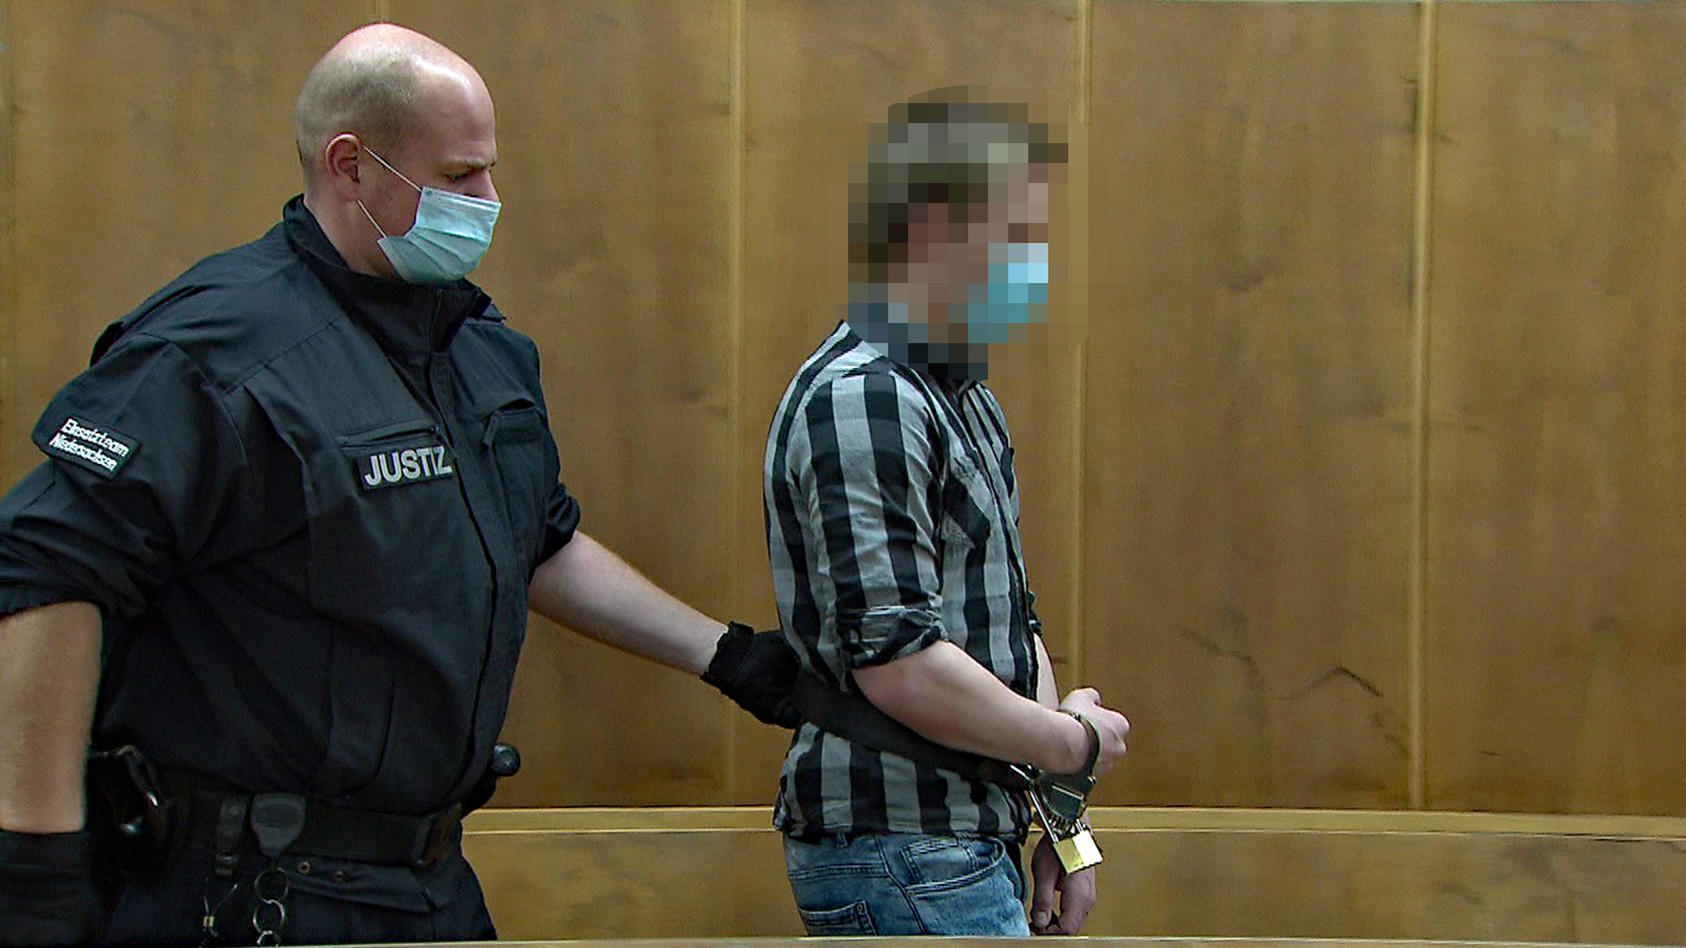 Dennis M. wurde zu 8 Jahren Haft nach dem Jugendstrafrecht verurteilt